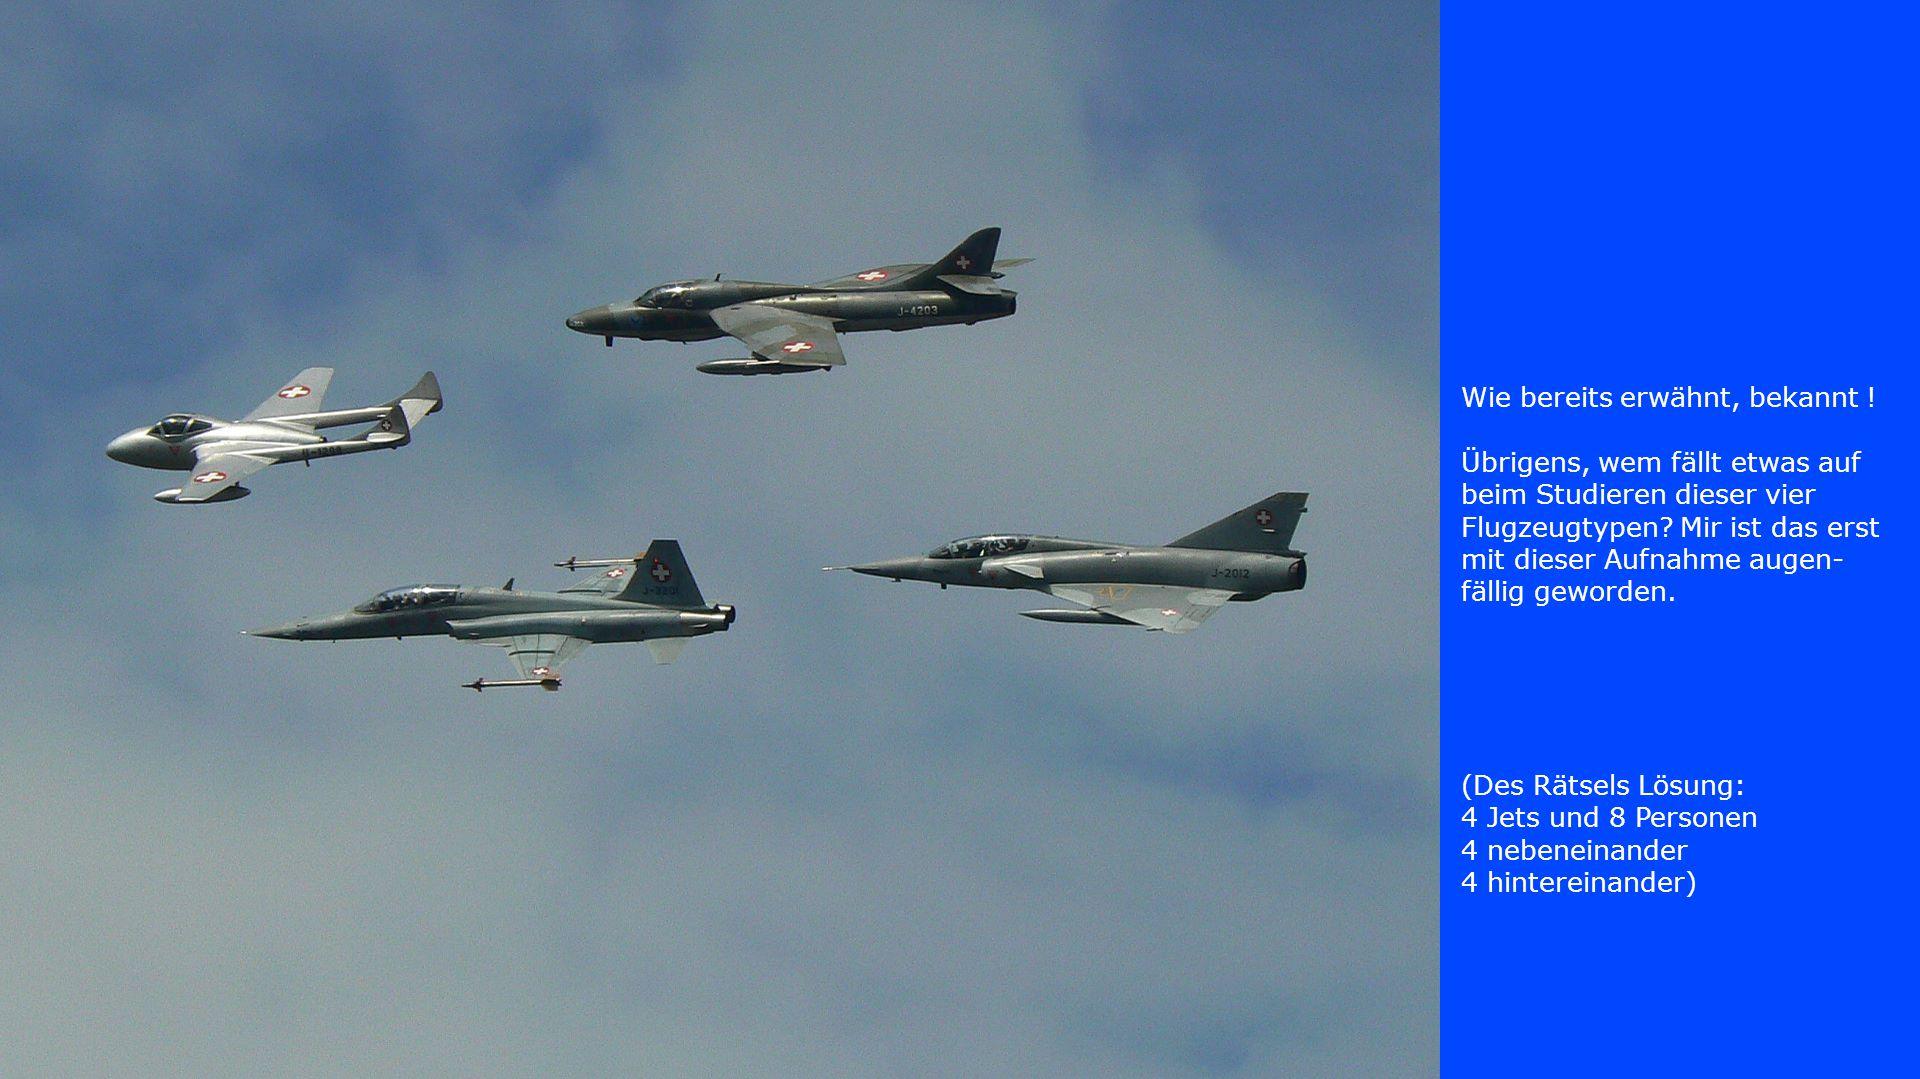 Wie bereits erwähnt, bekannt ! Übrigens, wem fällt etwas auf beim Studieren dieser vier Flugzeugtypen? Mir ist das erst mit dieser Aufnahme augen- fäl